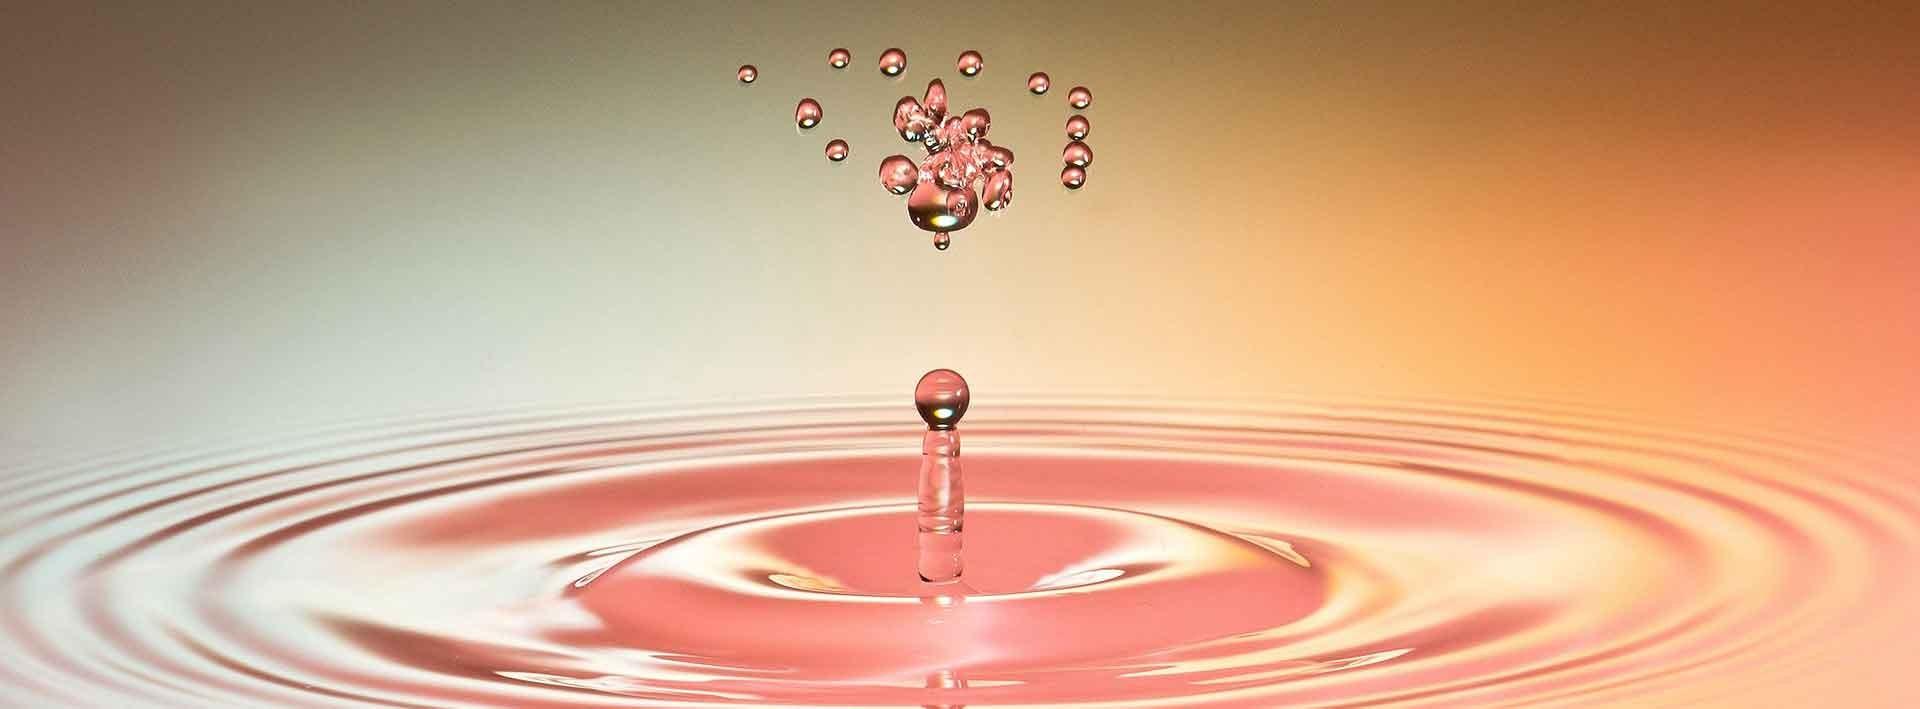 Ätherische Öle. Living Libation, Naturbelassen 100%